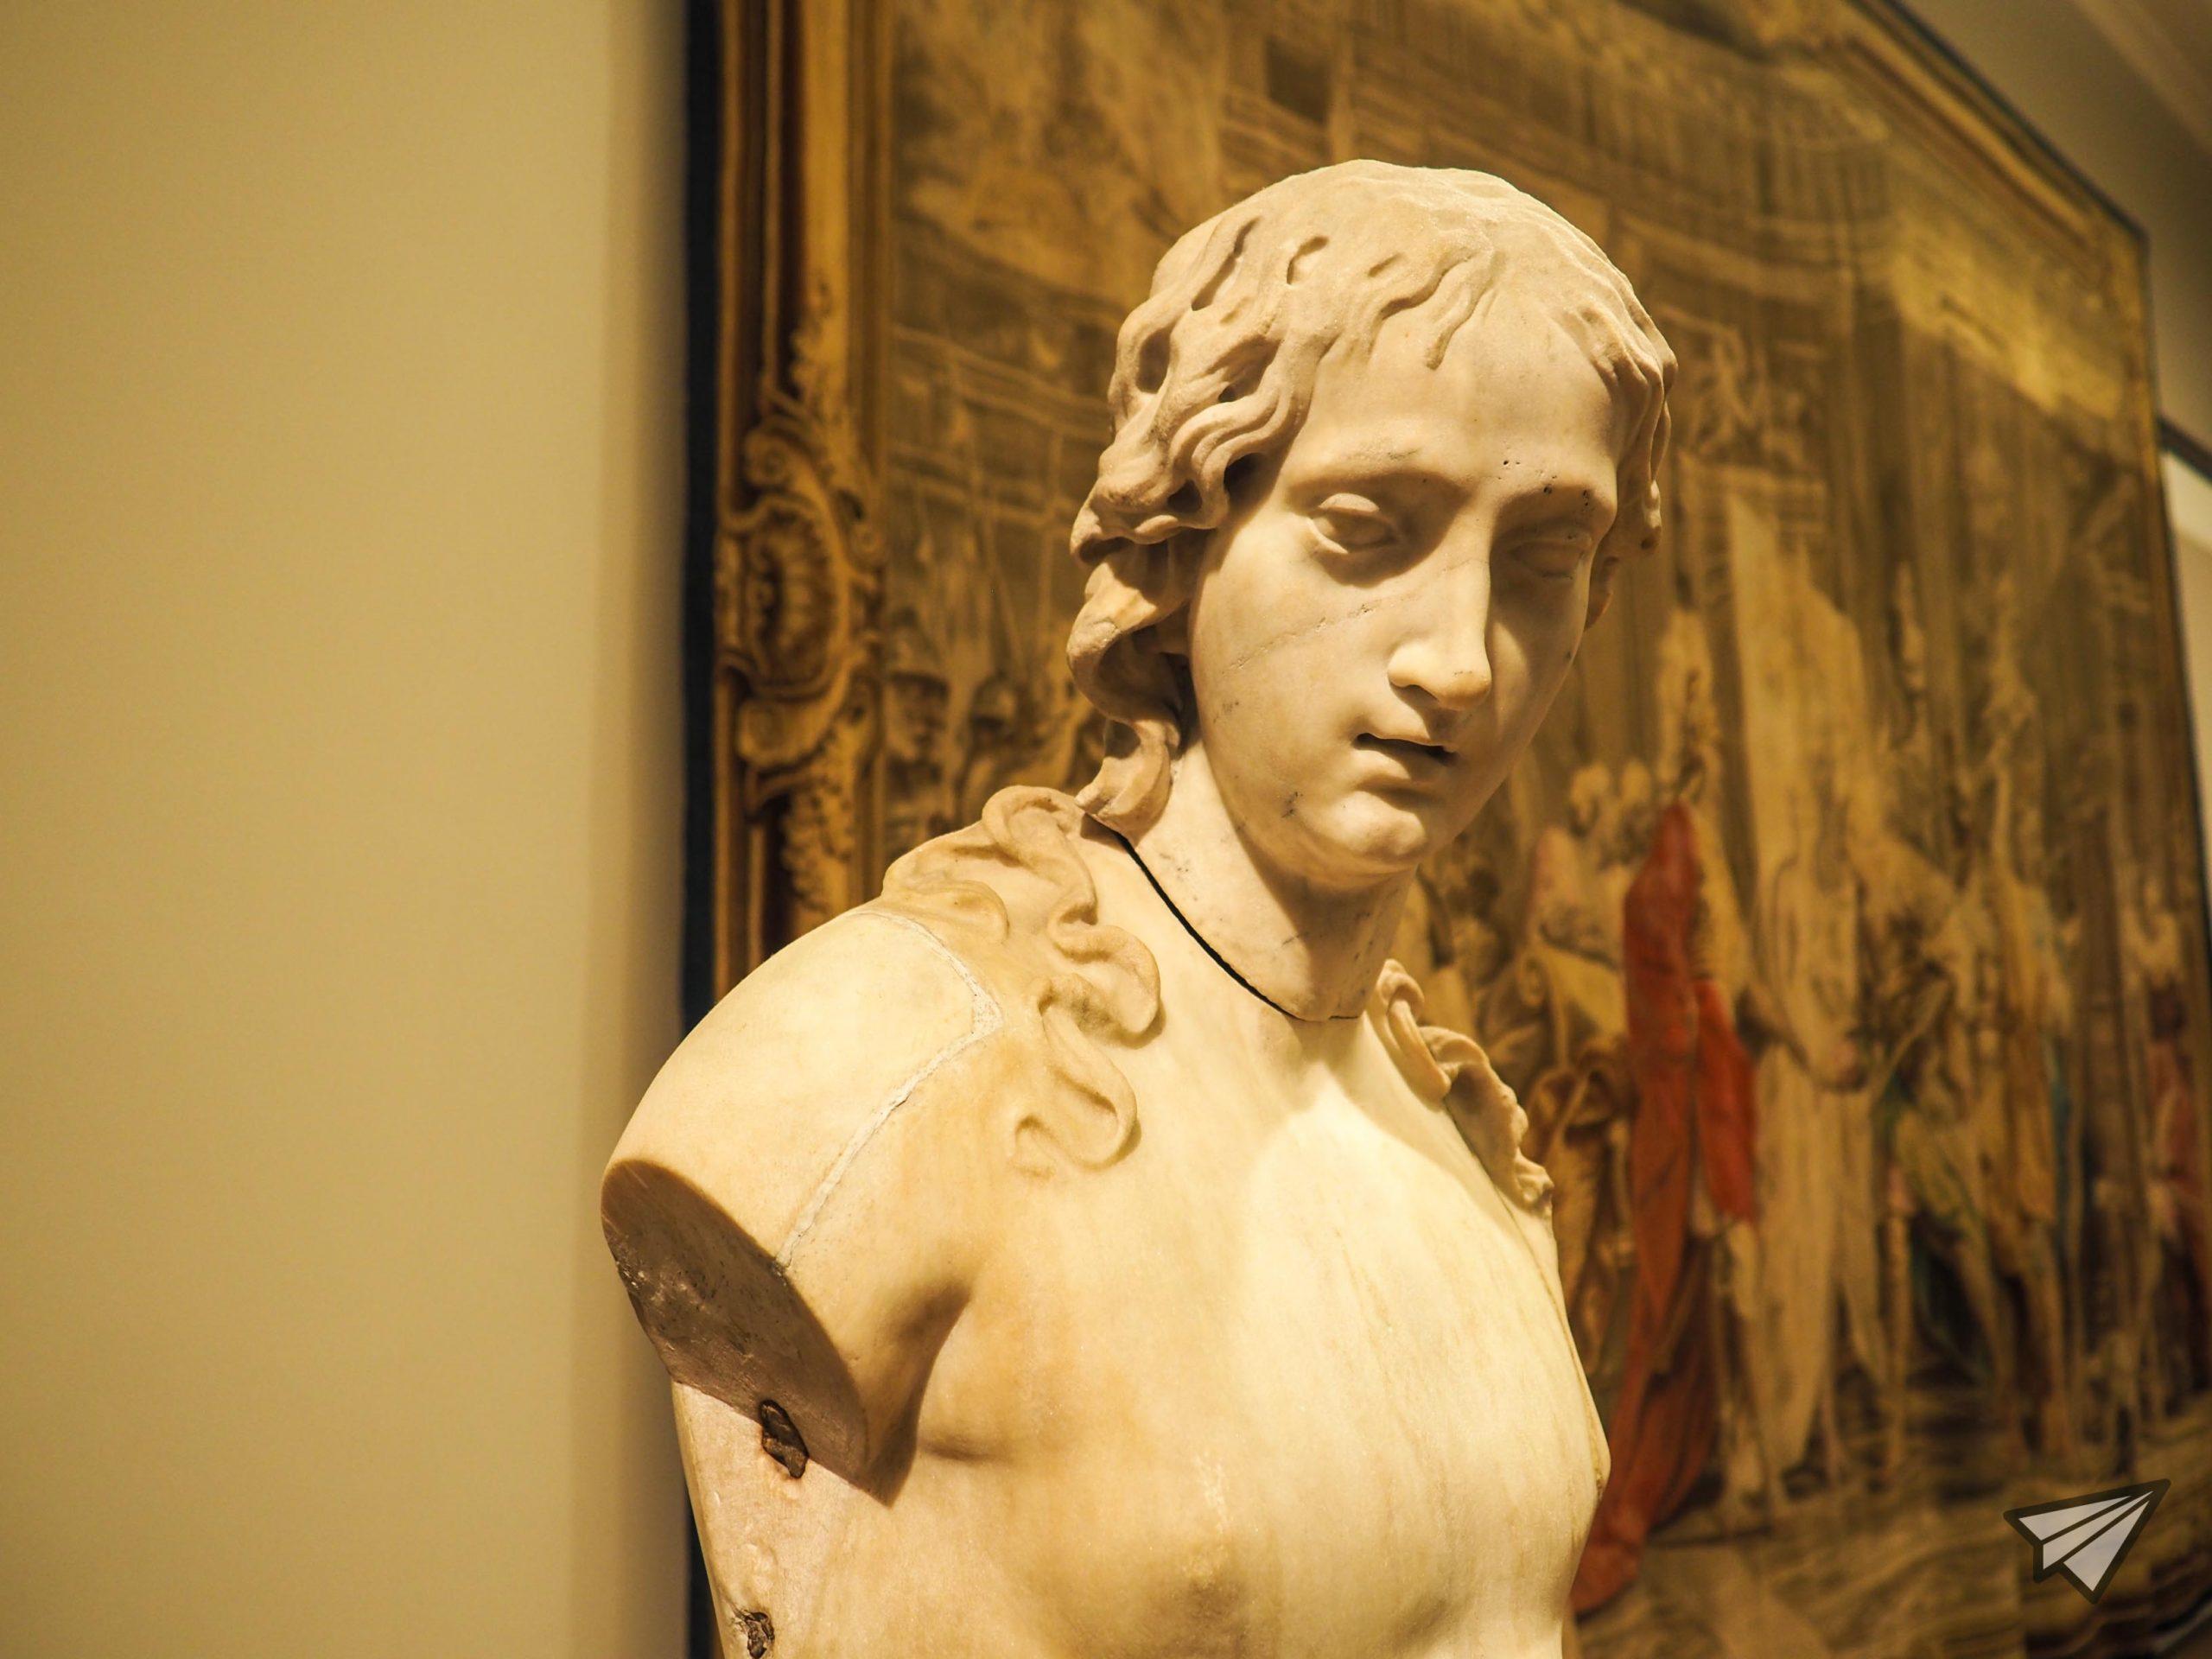 Museu Nacional de Arte Antigua statue